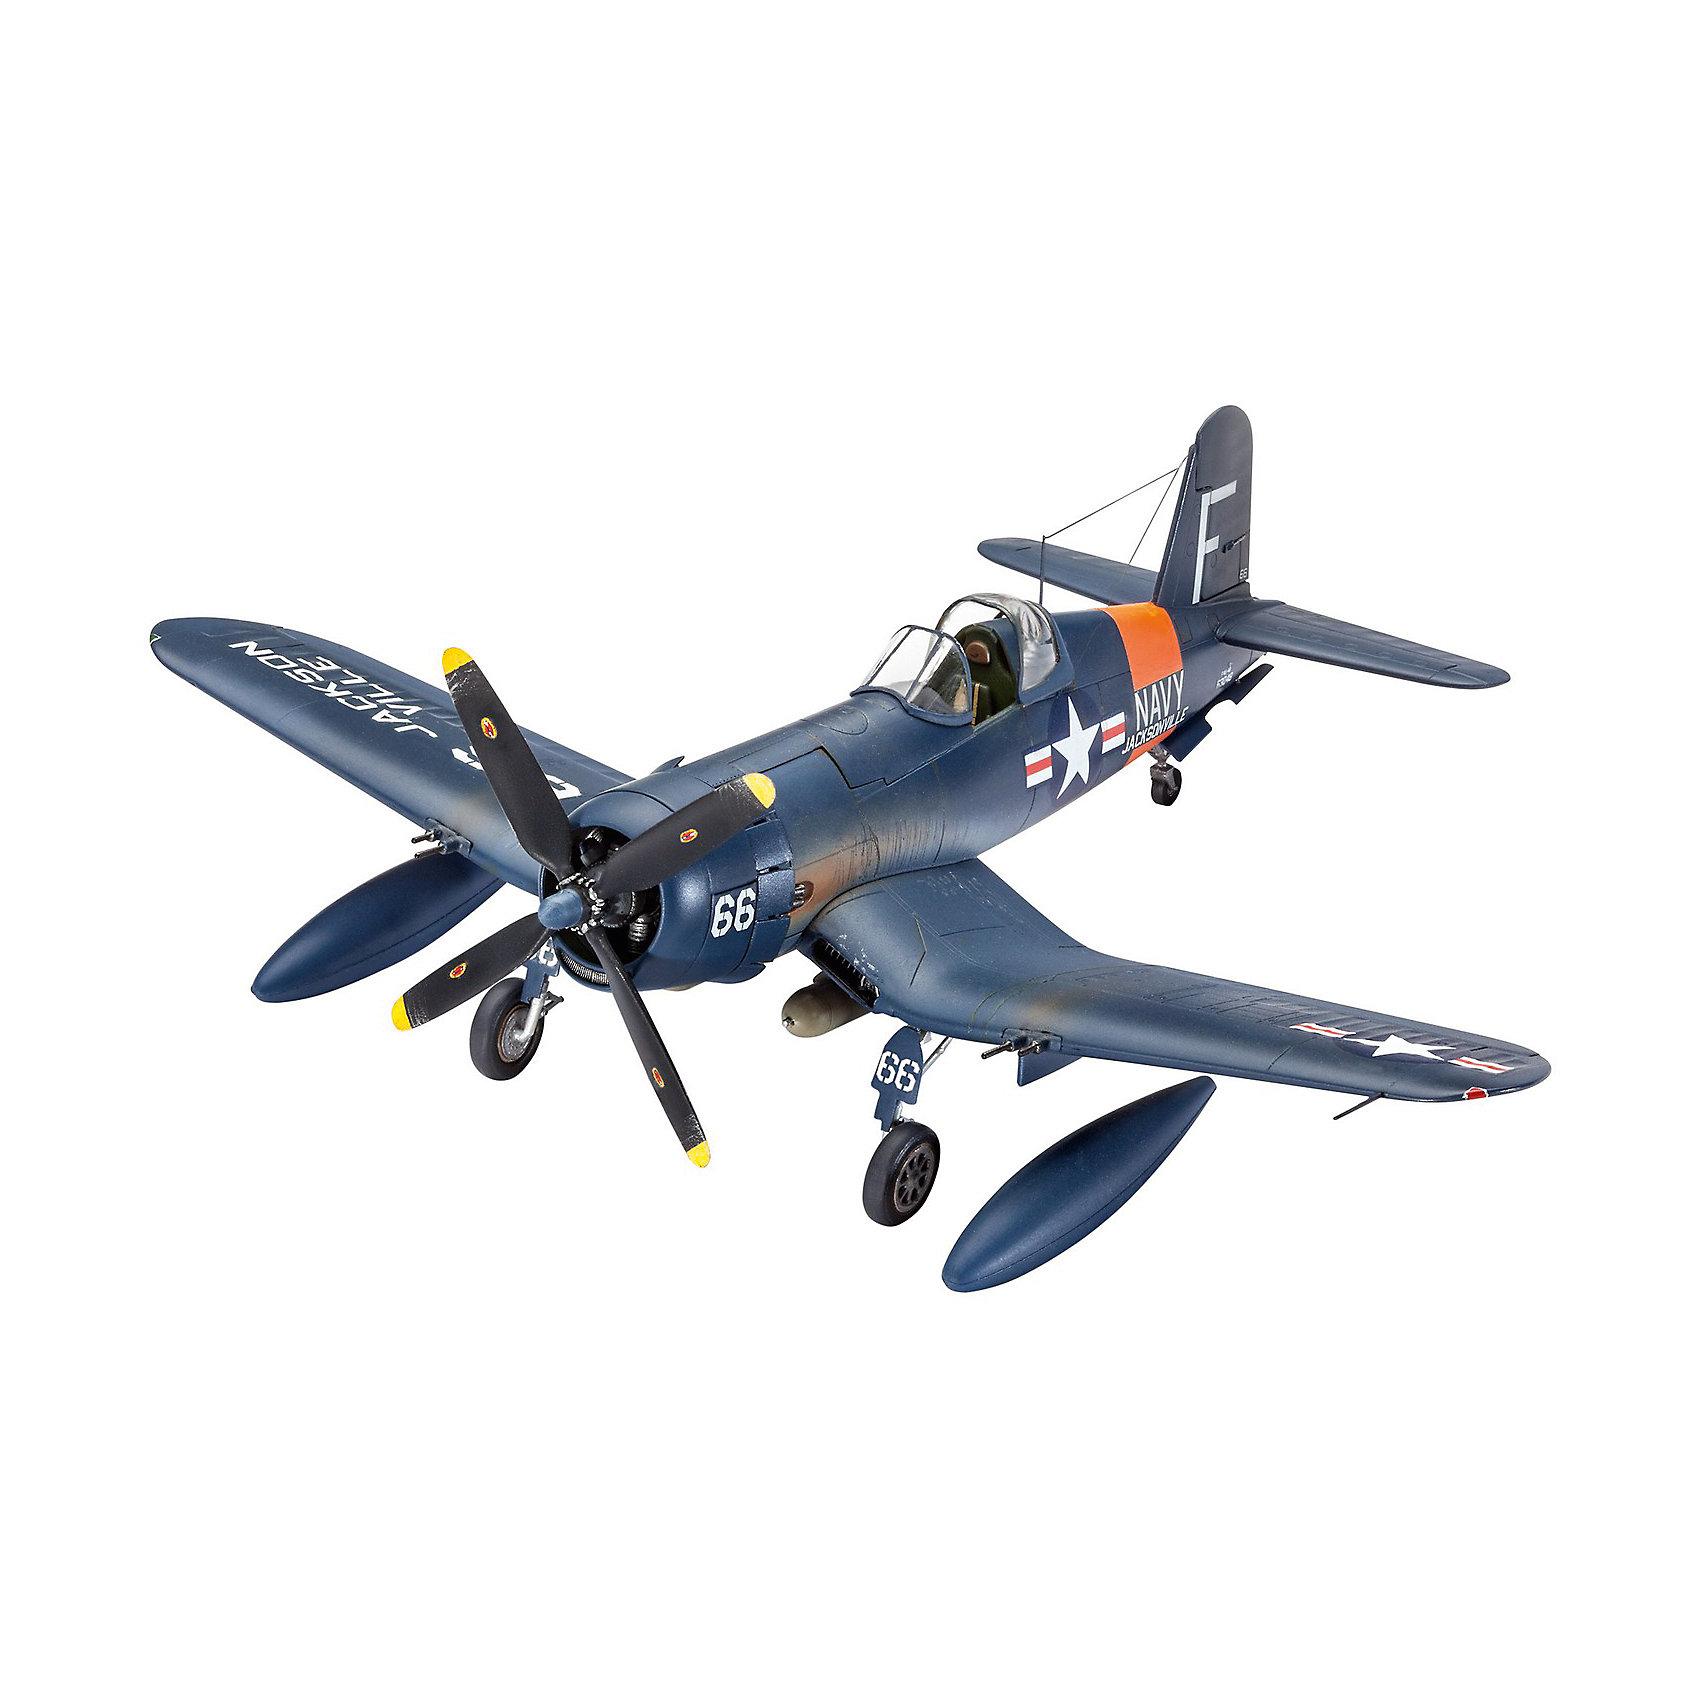 Сборная модель Истребитель F4U Corsair 1:72Модели для склеивания<br>Сборная модель самолета F4U Corsair, 1:72. Прототип модели - палубный истребитель, принимавший участие во всех крупных операциях на Тихом океане во время Второй мировой войны. Масштаб 1:72.  <br>После и даже во время поклейки, модель можно раскрасить, чтобы она выглядела максимально реалистично.  Производитель предлагает окрасить модель в темно-синий цвет. Также в комплекте вы найдете различные наклейки для украшения.   <br>Длина модели 14,8 см. Размах крыльев 17,3 см. Количество деталей – 65. Модель выполнена из качественной пластмассы. Уровень сложности выполнения модели – 3. Краски и кисточка для раскрашивания модели, клей приобретаются отдельно.<br><br>Ширина мм: 9999<br>Глубина мм: 9999<br>Высота мм: 9999<br>Вес г: 9999<br>Возраст от месяцев: 120<br>Возраст до месяцев: 2147483647<br>Пол: Мужской<br>Возраст: Детский<br>SKU: 7122357